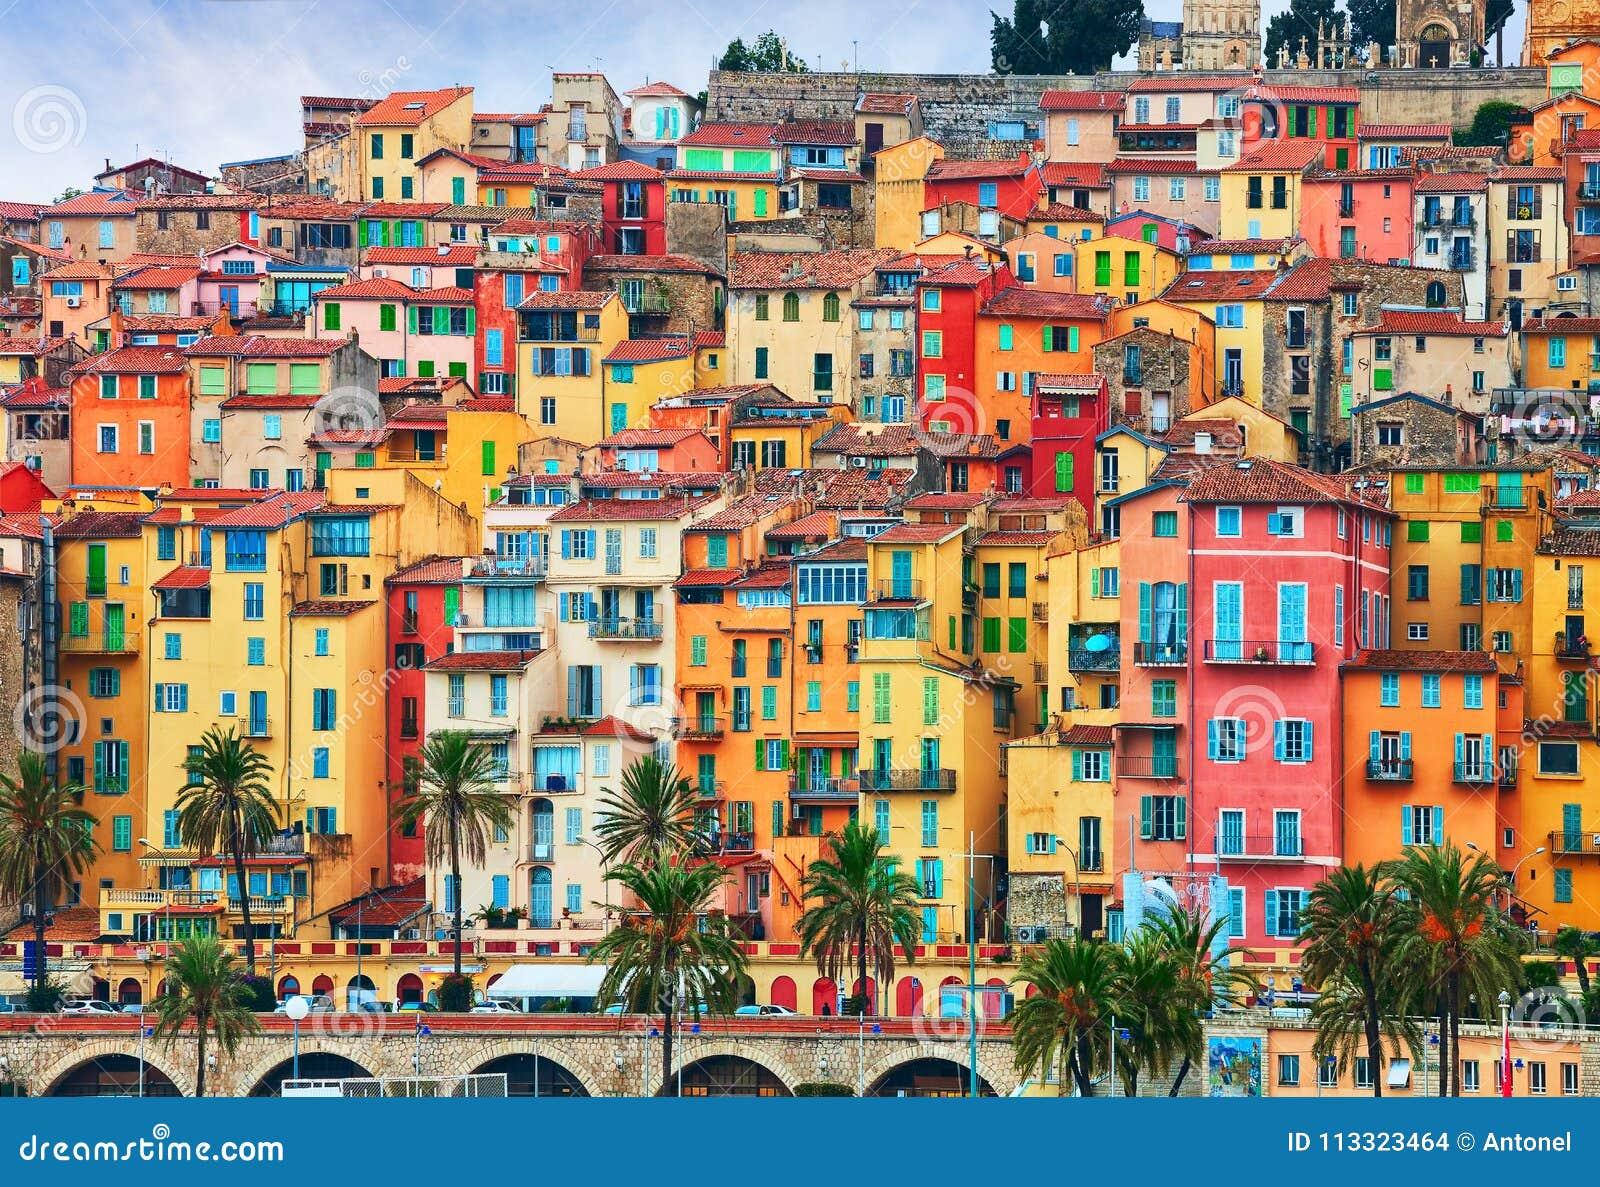 Bunte Häuser im alten Teil von Menton, französisches Riviera, Frankreich